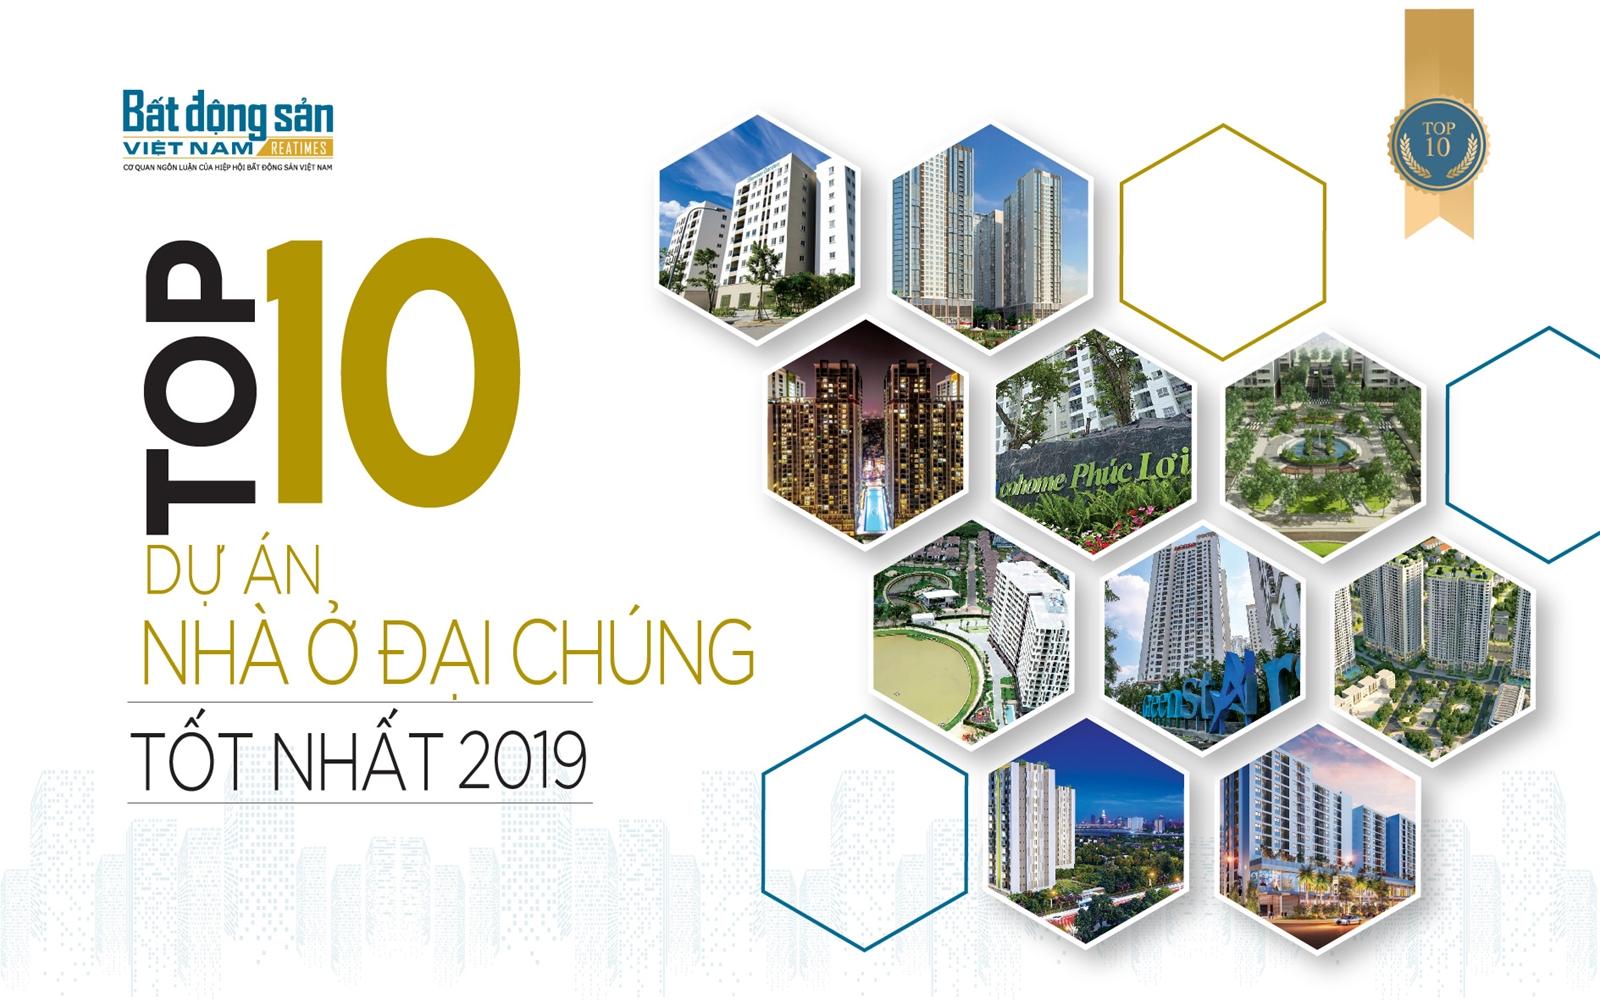 Top 10 dự án nhà ở đại chúng tốt nhất 2019